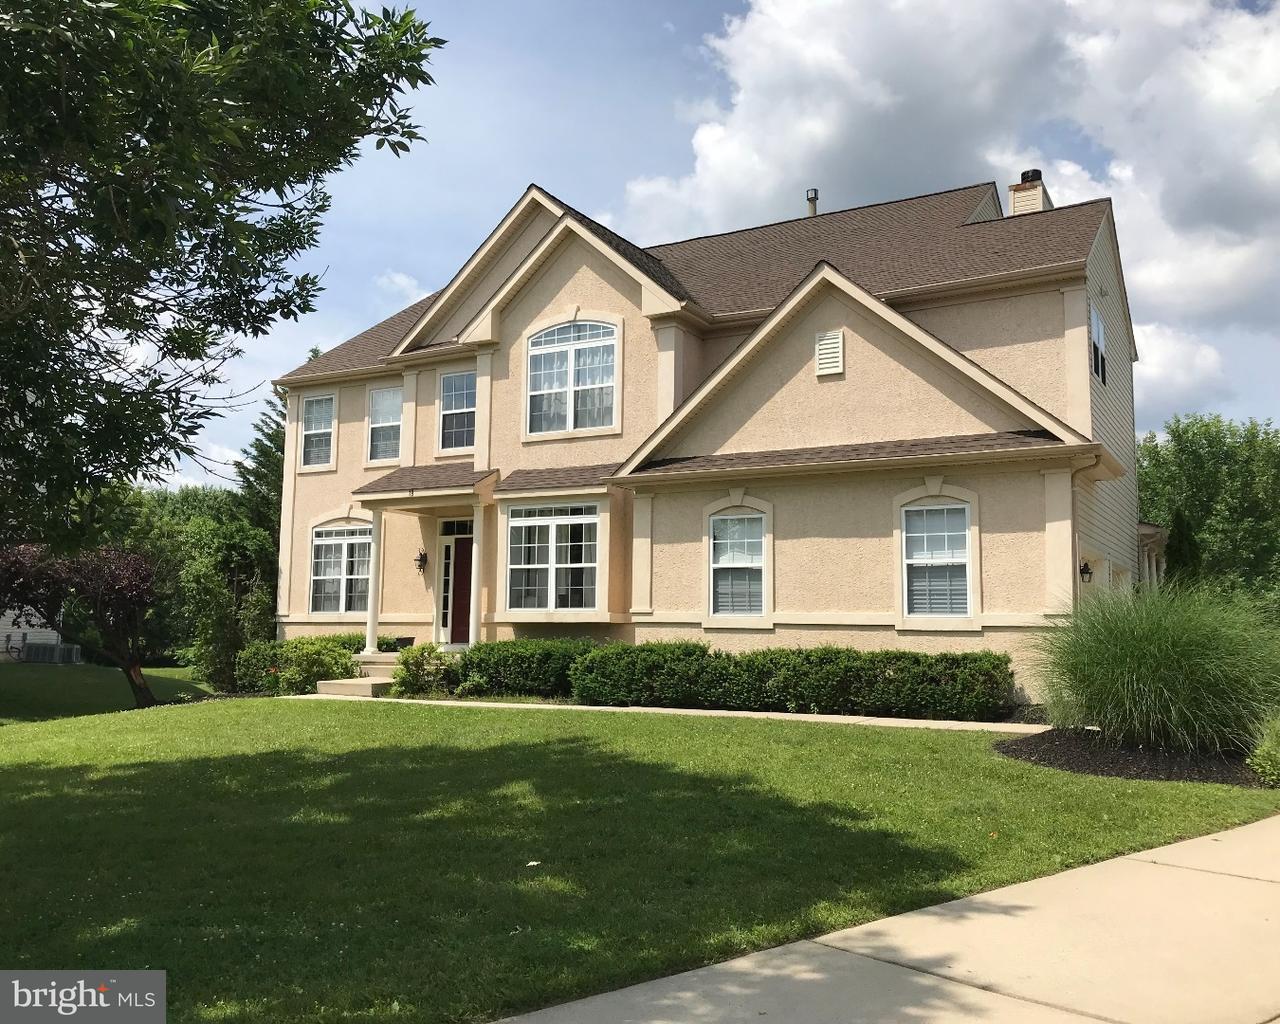 Maison unifamiliale pour l Vente à 19 ARMSTRONG Drive Cinnaminson, New Jersey 08077 États-Unis